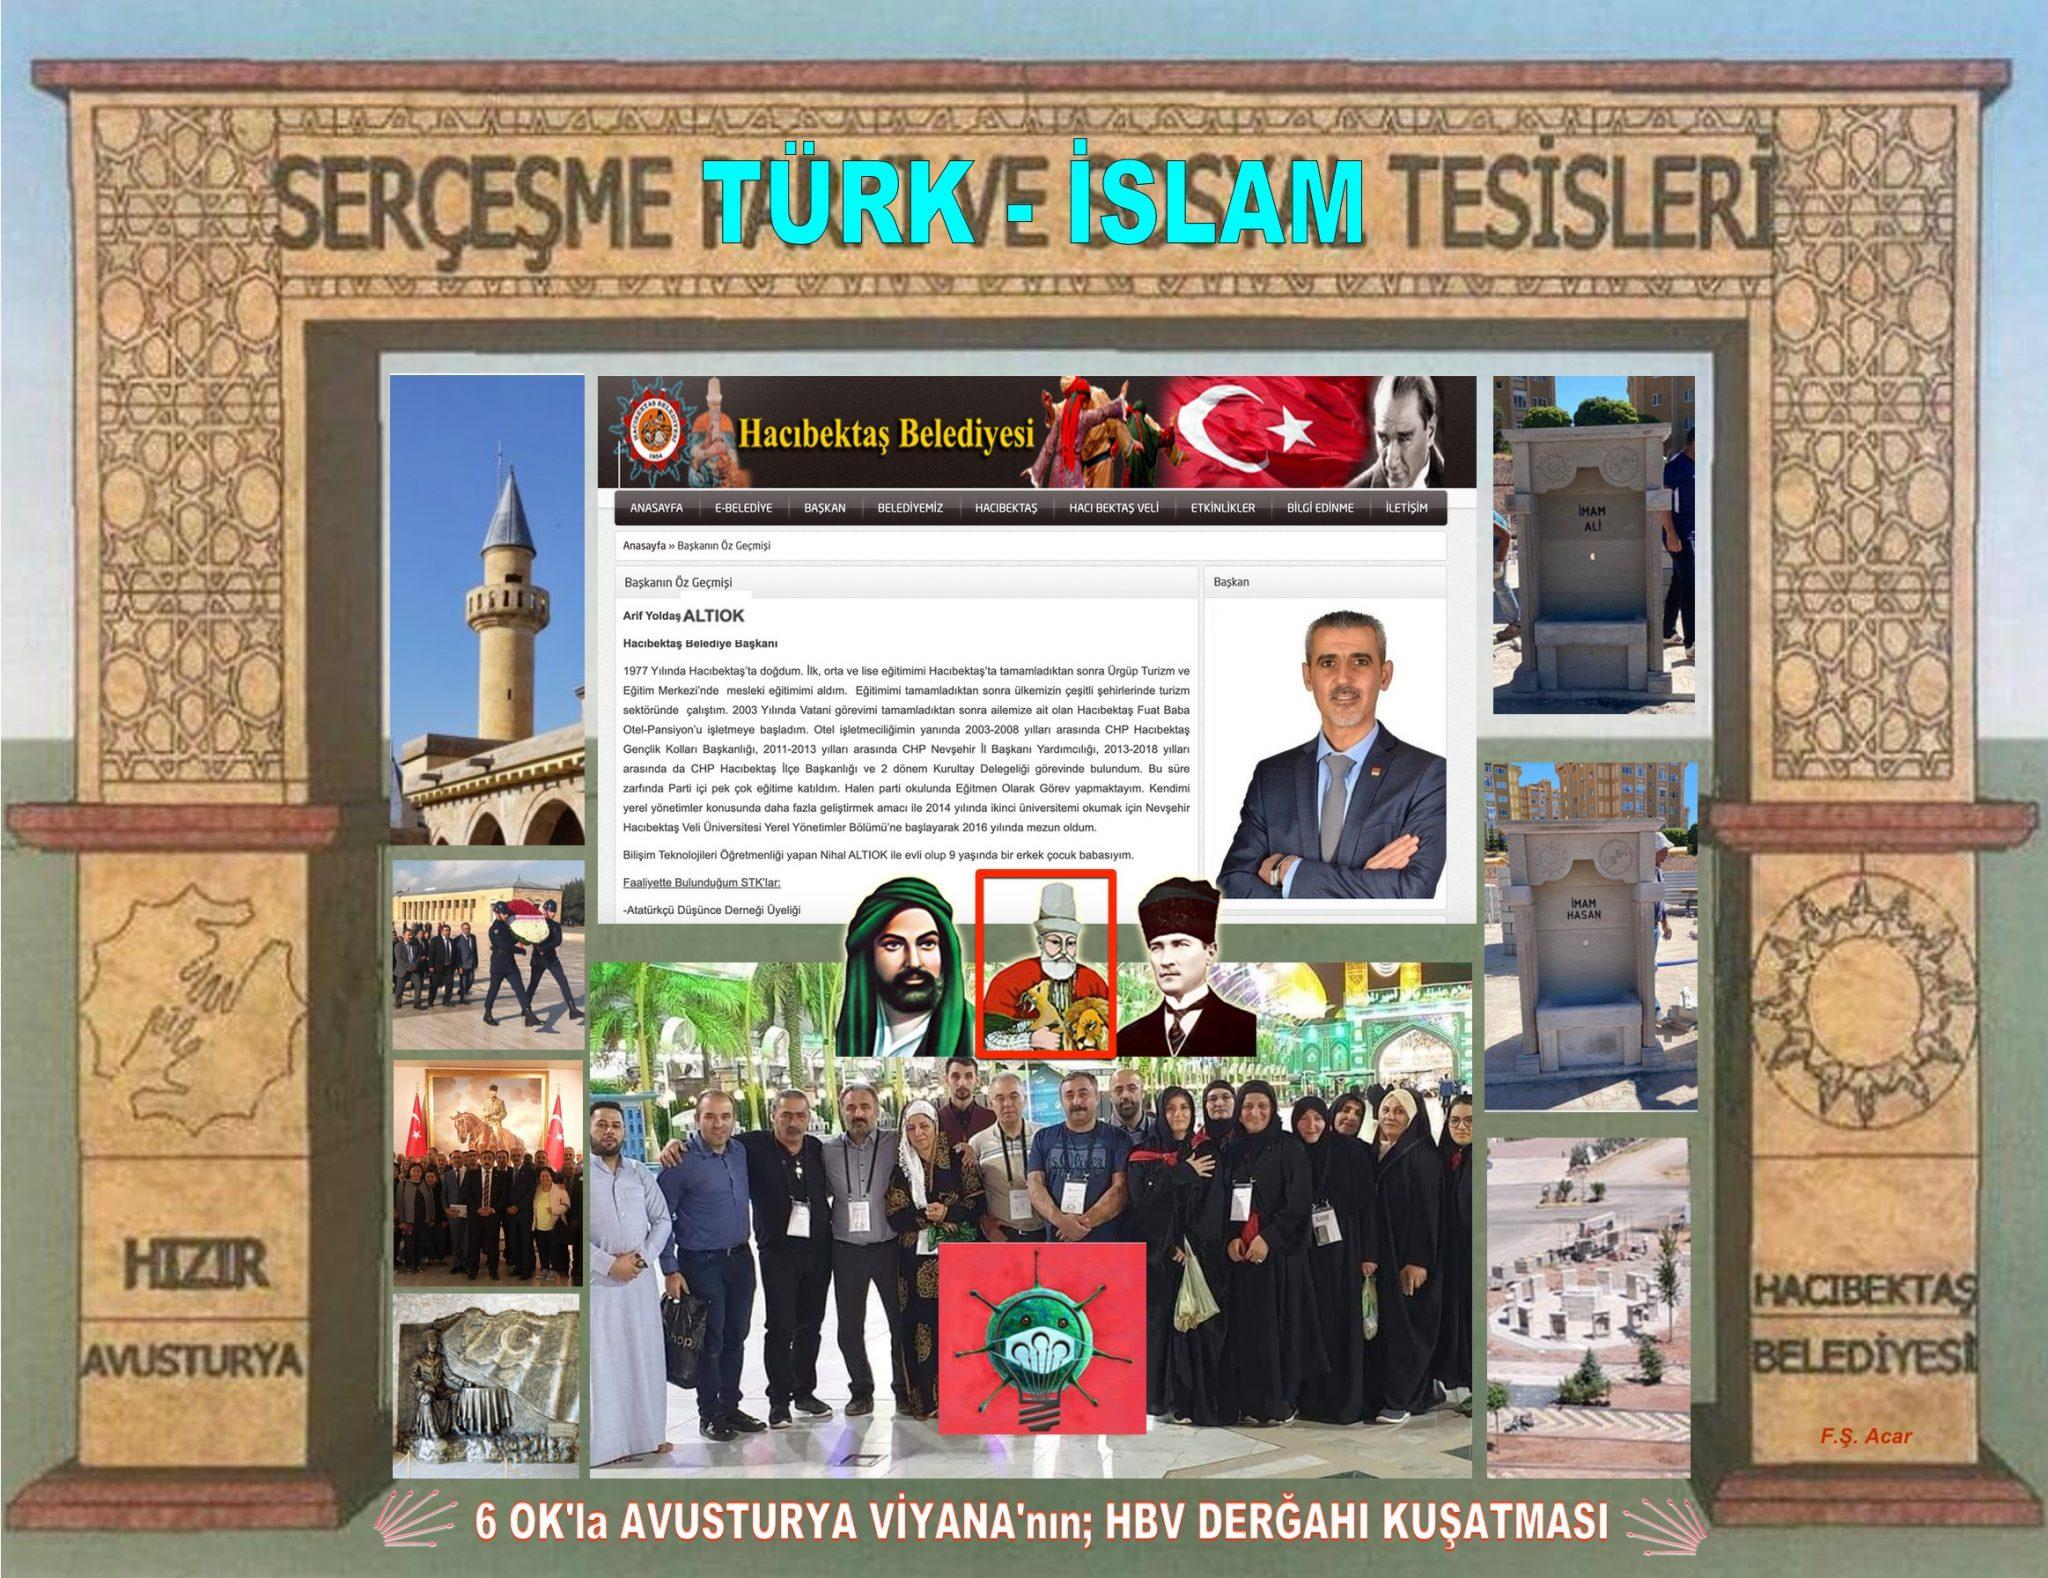 SERÇEŞME Türk-İslam TESİSLERİ, 6 OK'la AVUSTURYA VİYANA'nın HBV DERGAHI KUŞATMASI